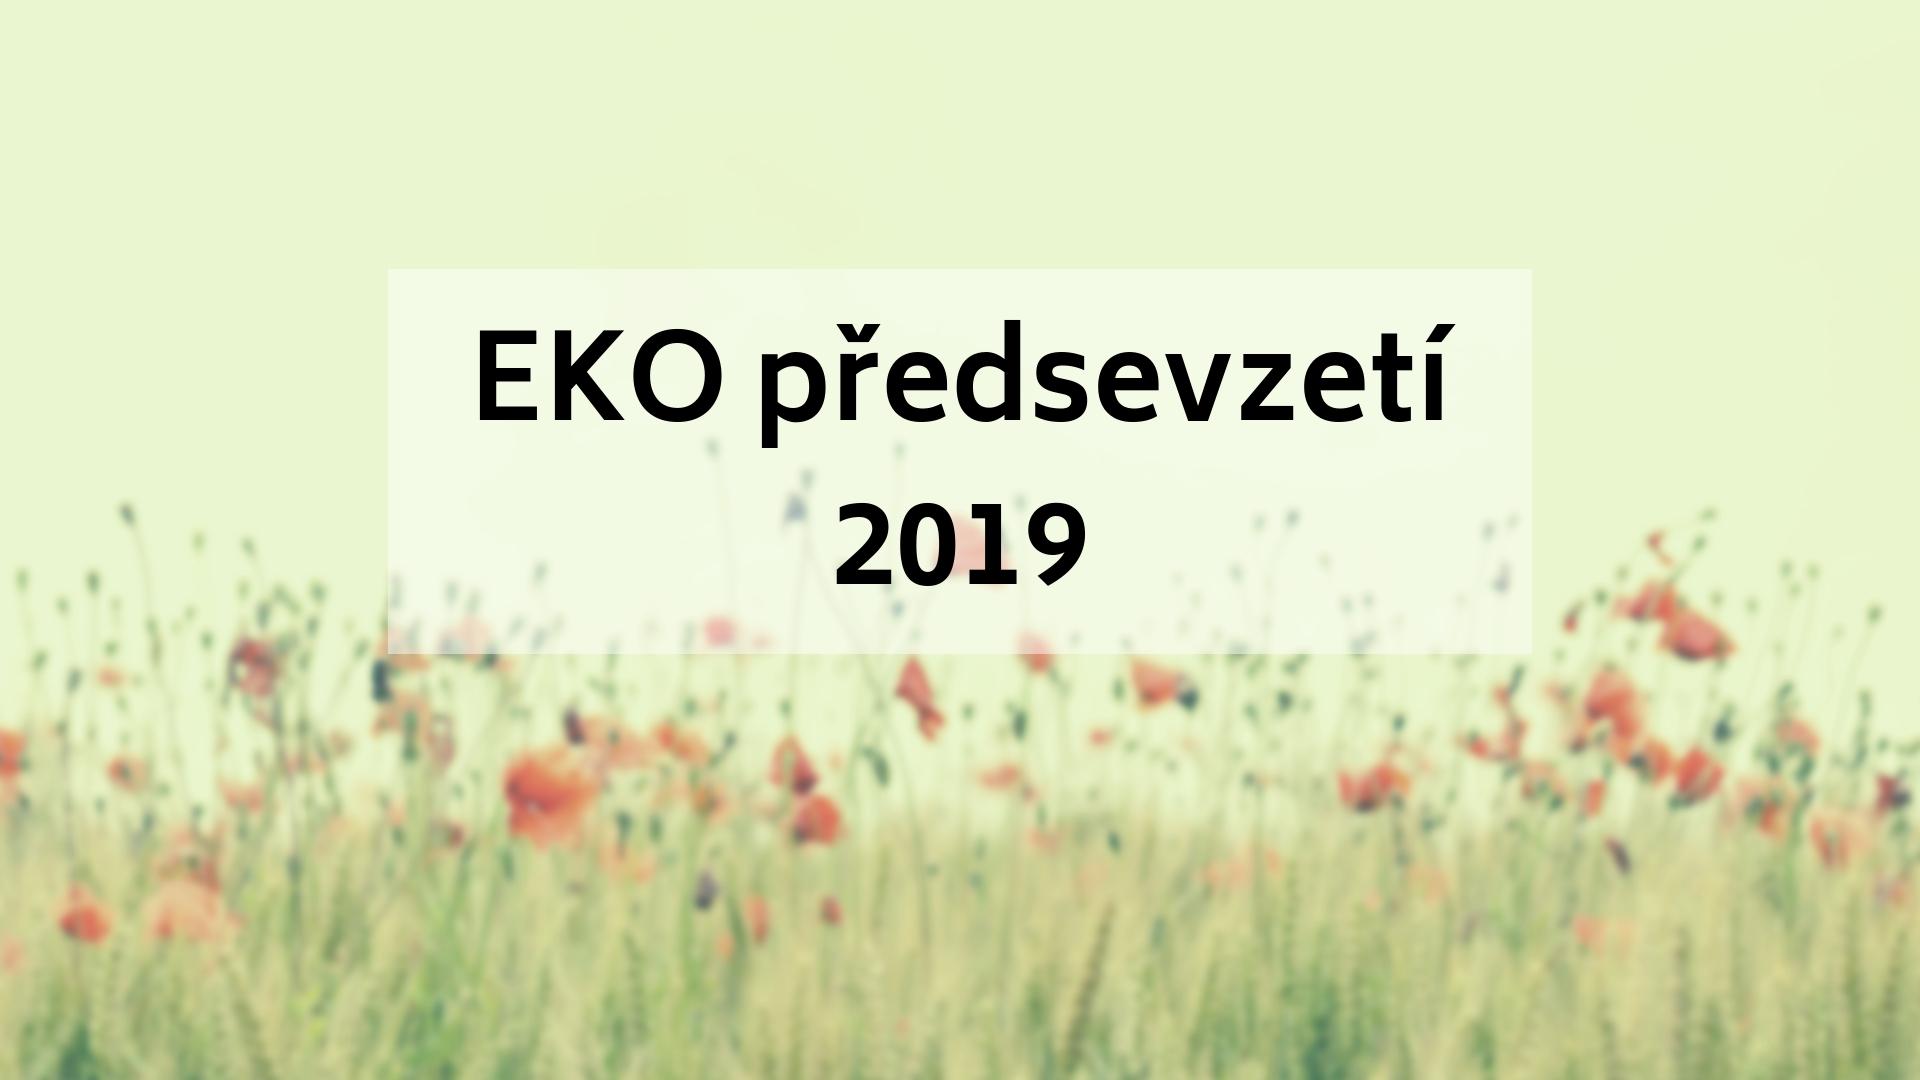 EKO předsevzetí 2019